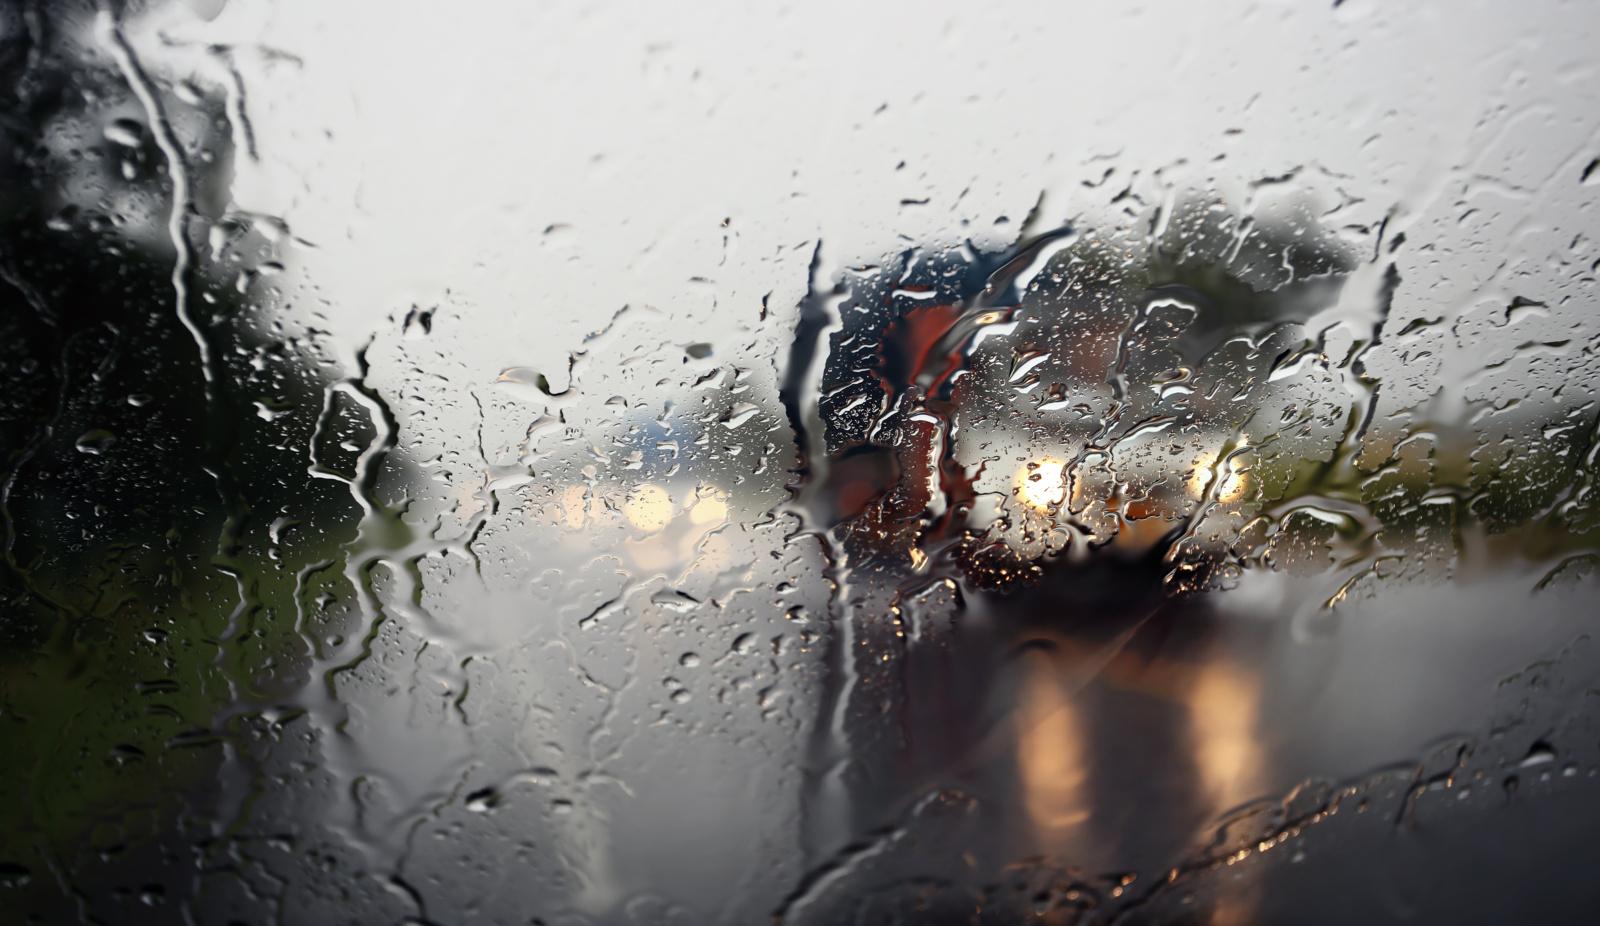 Naktį eismo sąlygas sunkins vėjas, numatoma šlapdriba